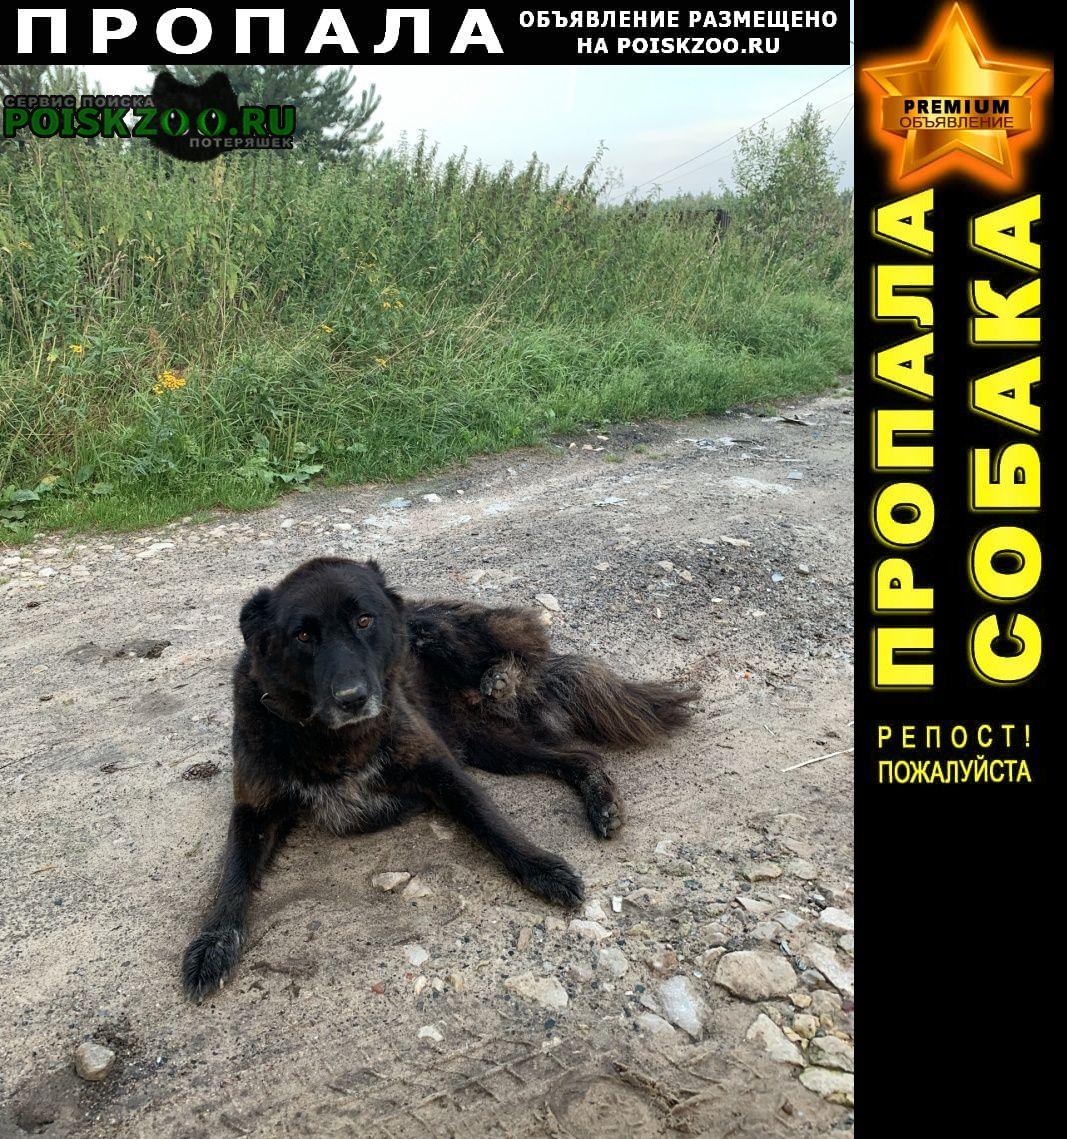 Пропала собака стерилизованная сука в ошейнике Калуга